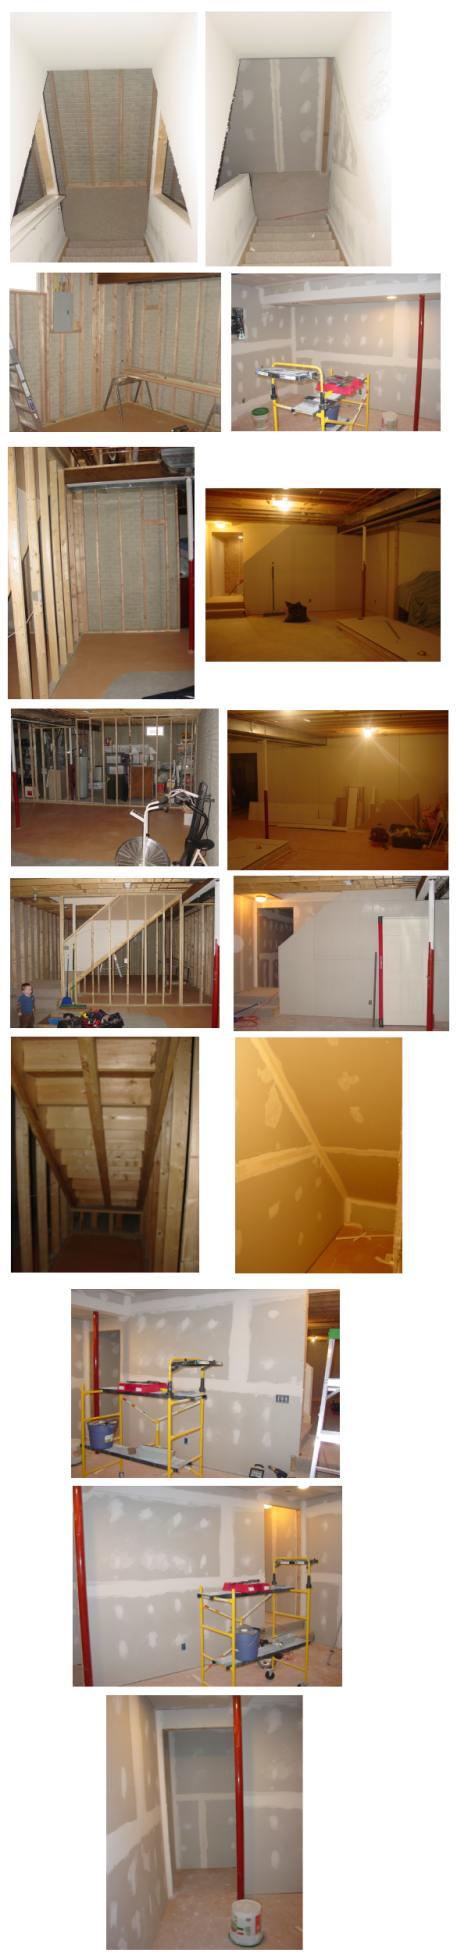 remodeling2.jpg